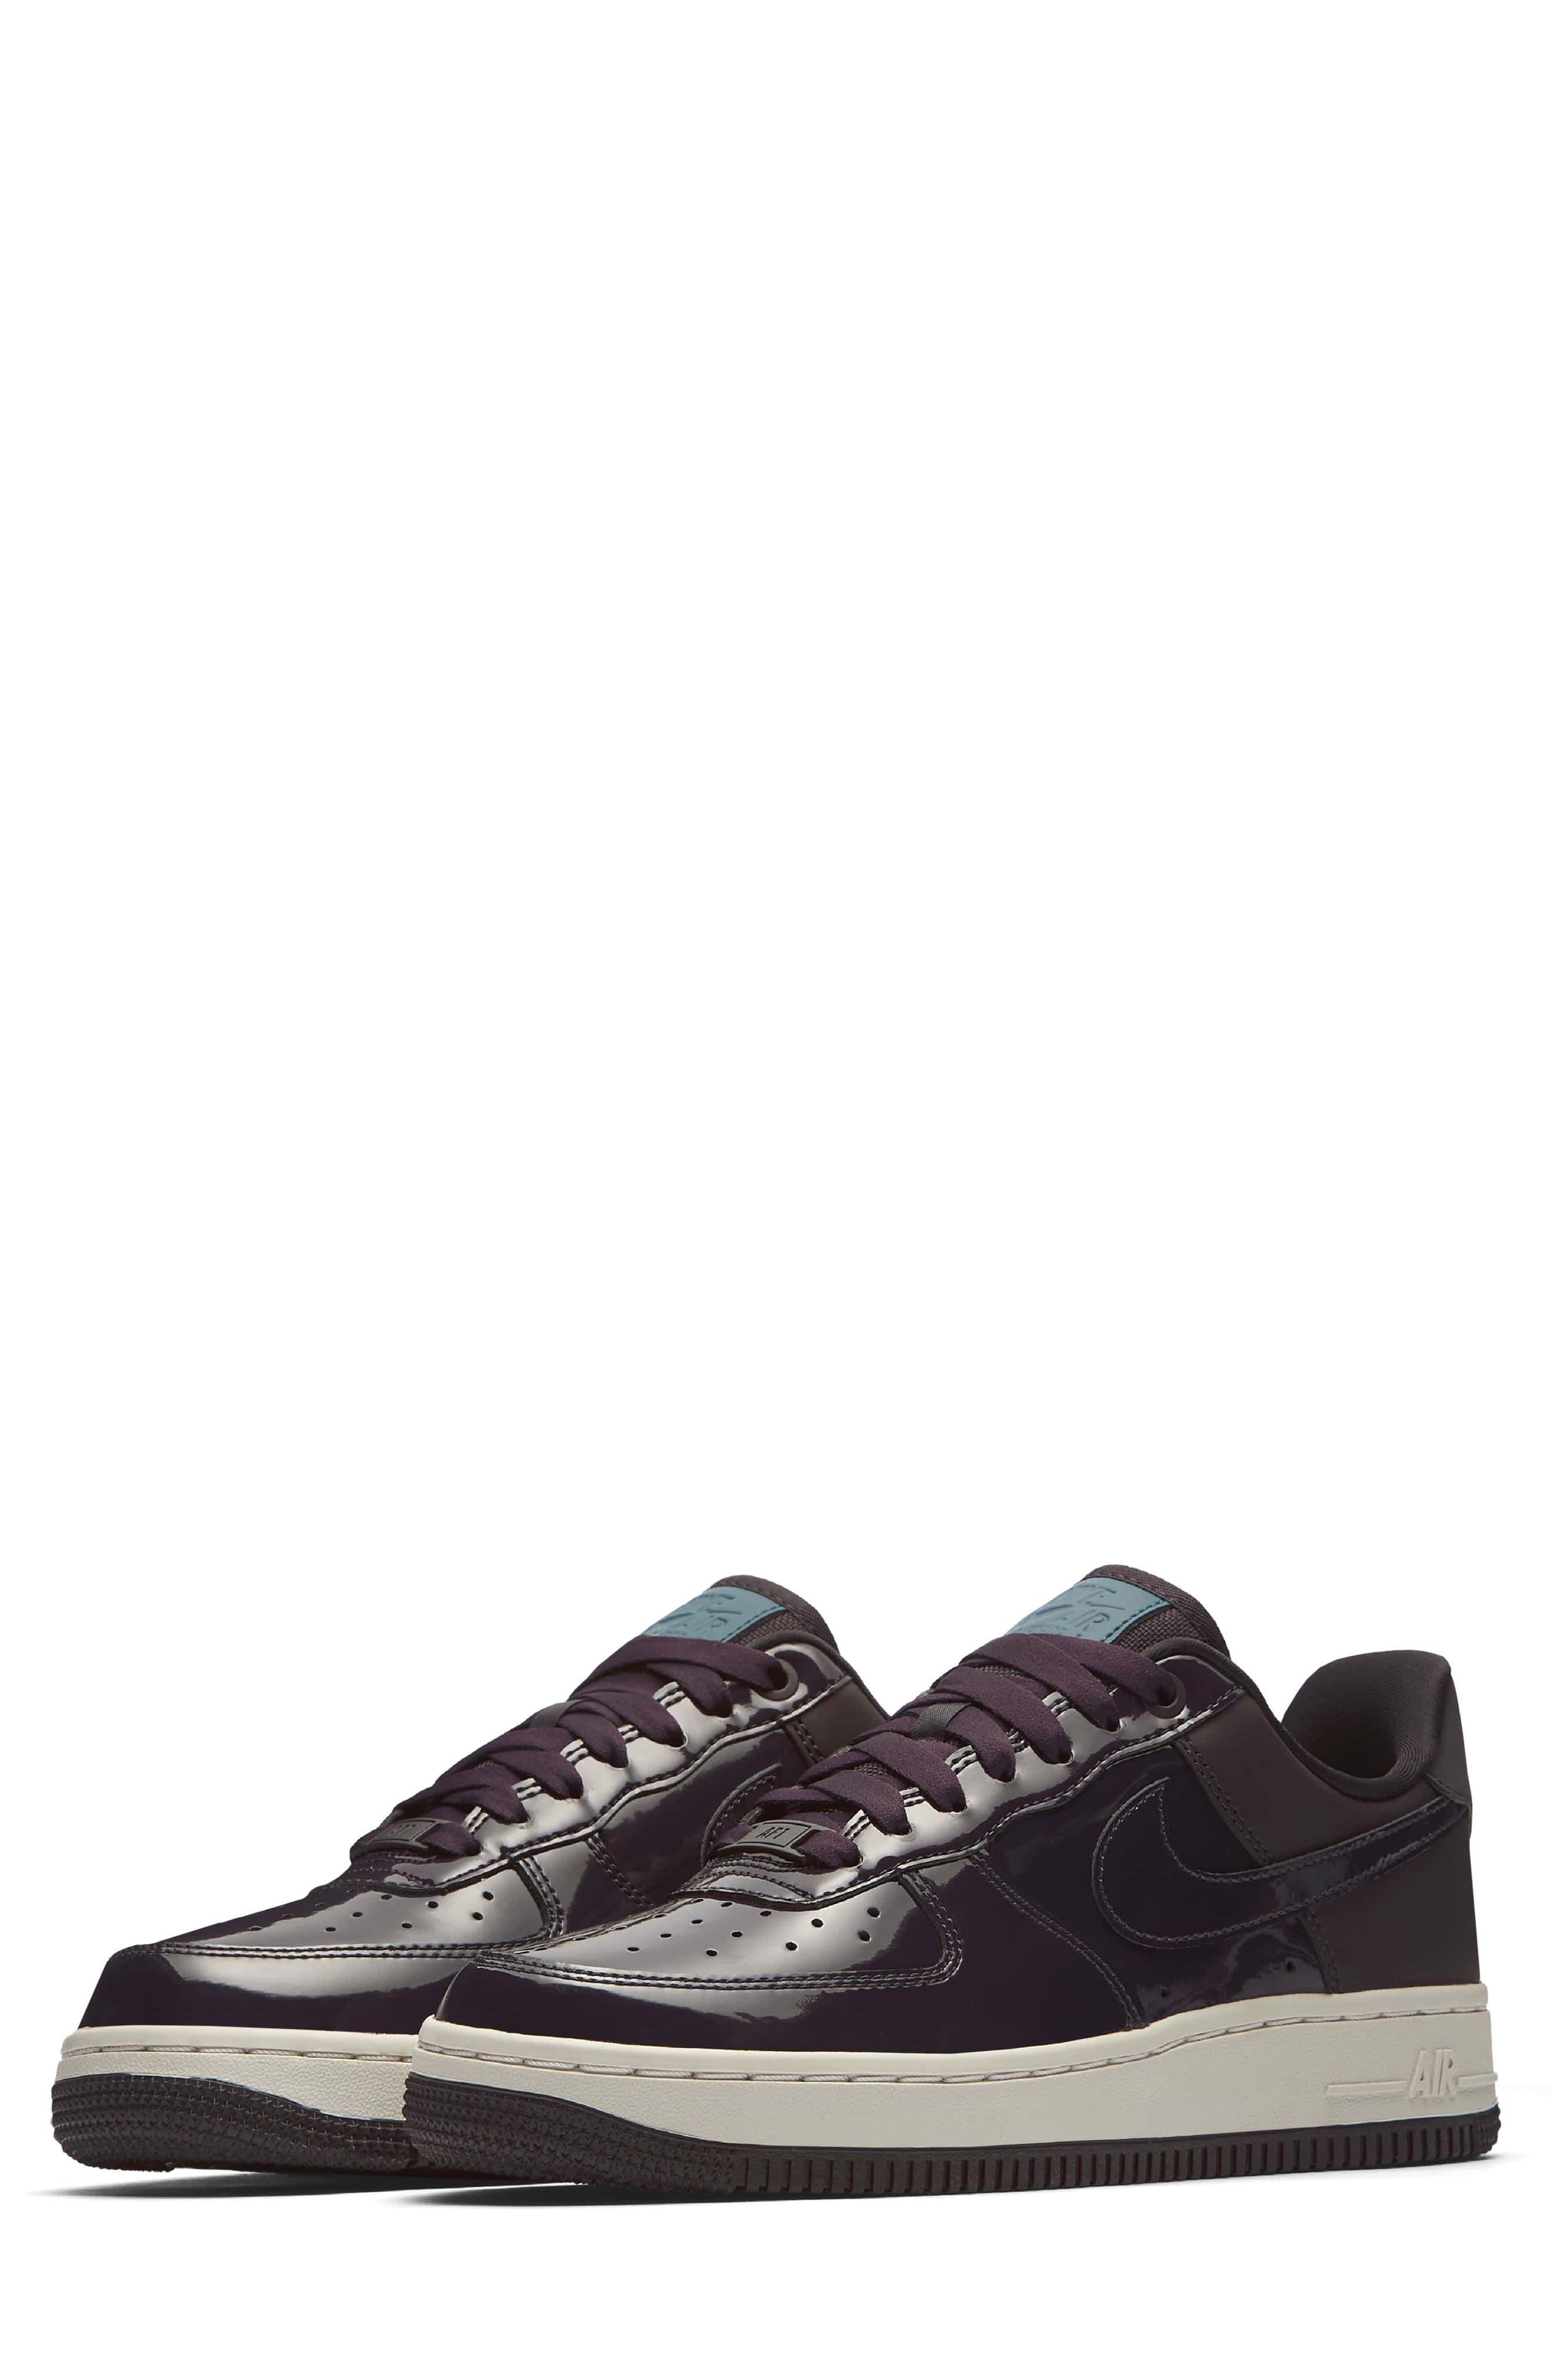 Main Image - Nike Air Force 1 '07 SE Premium Sneaker (Women)